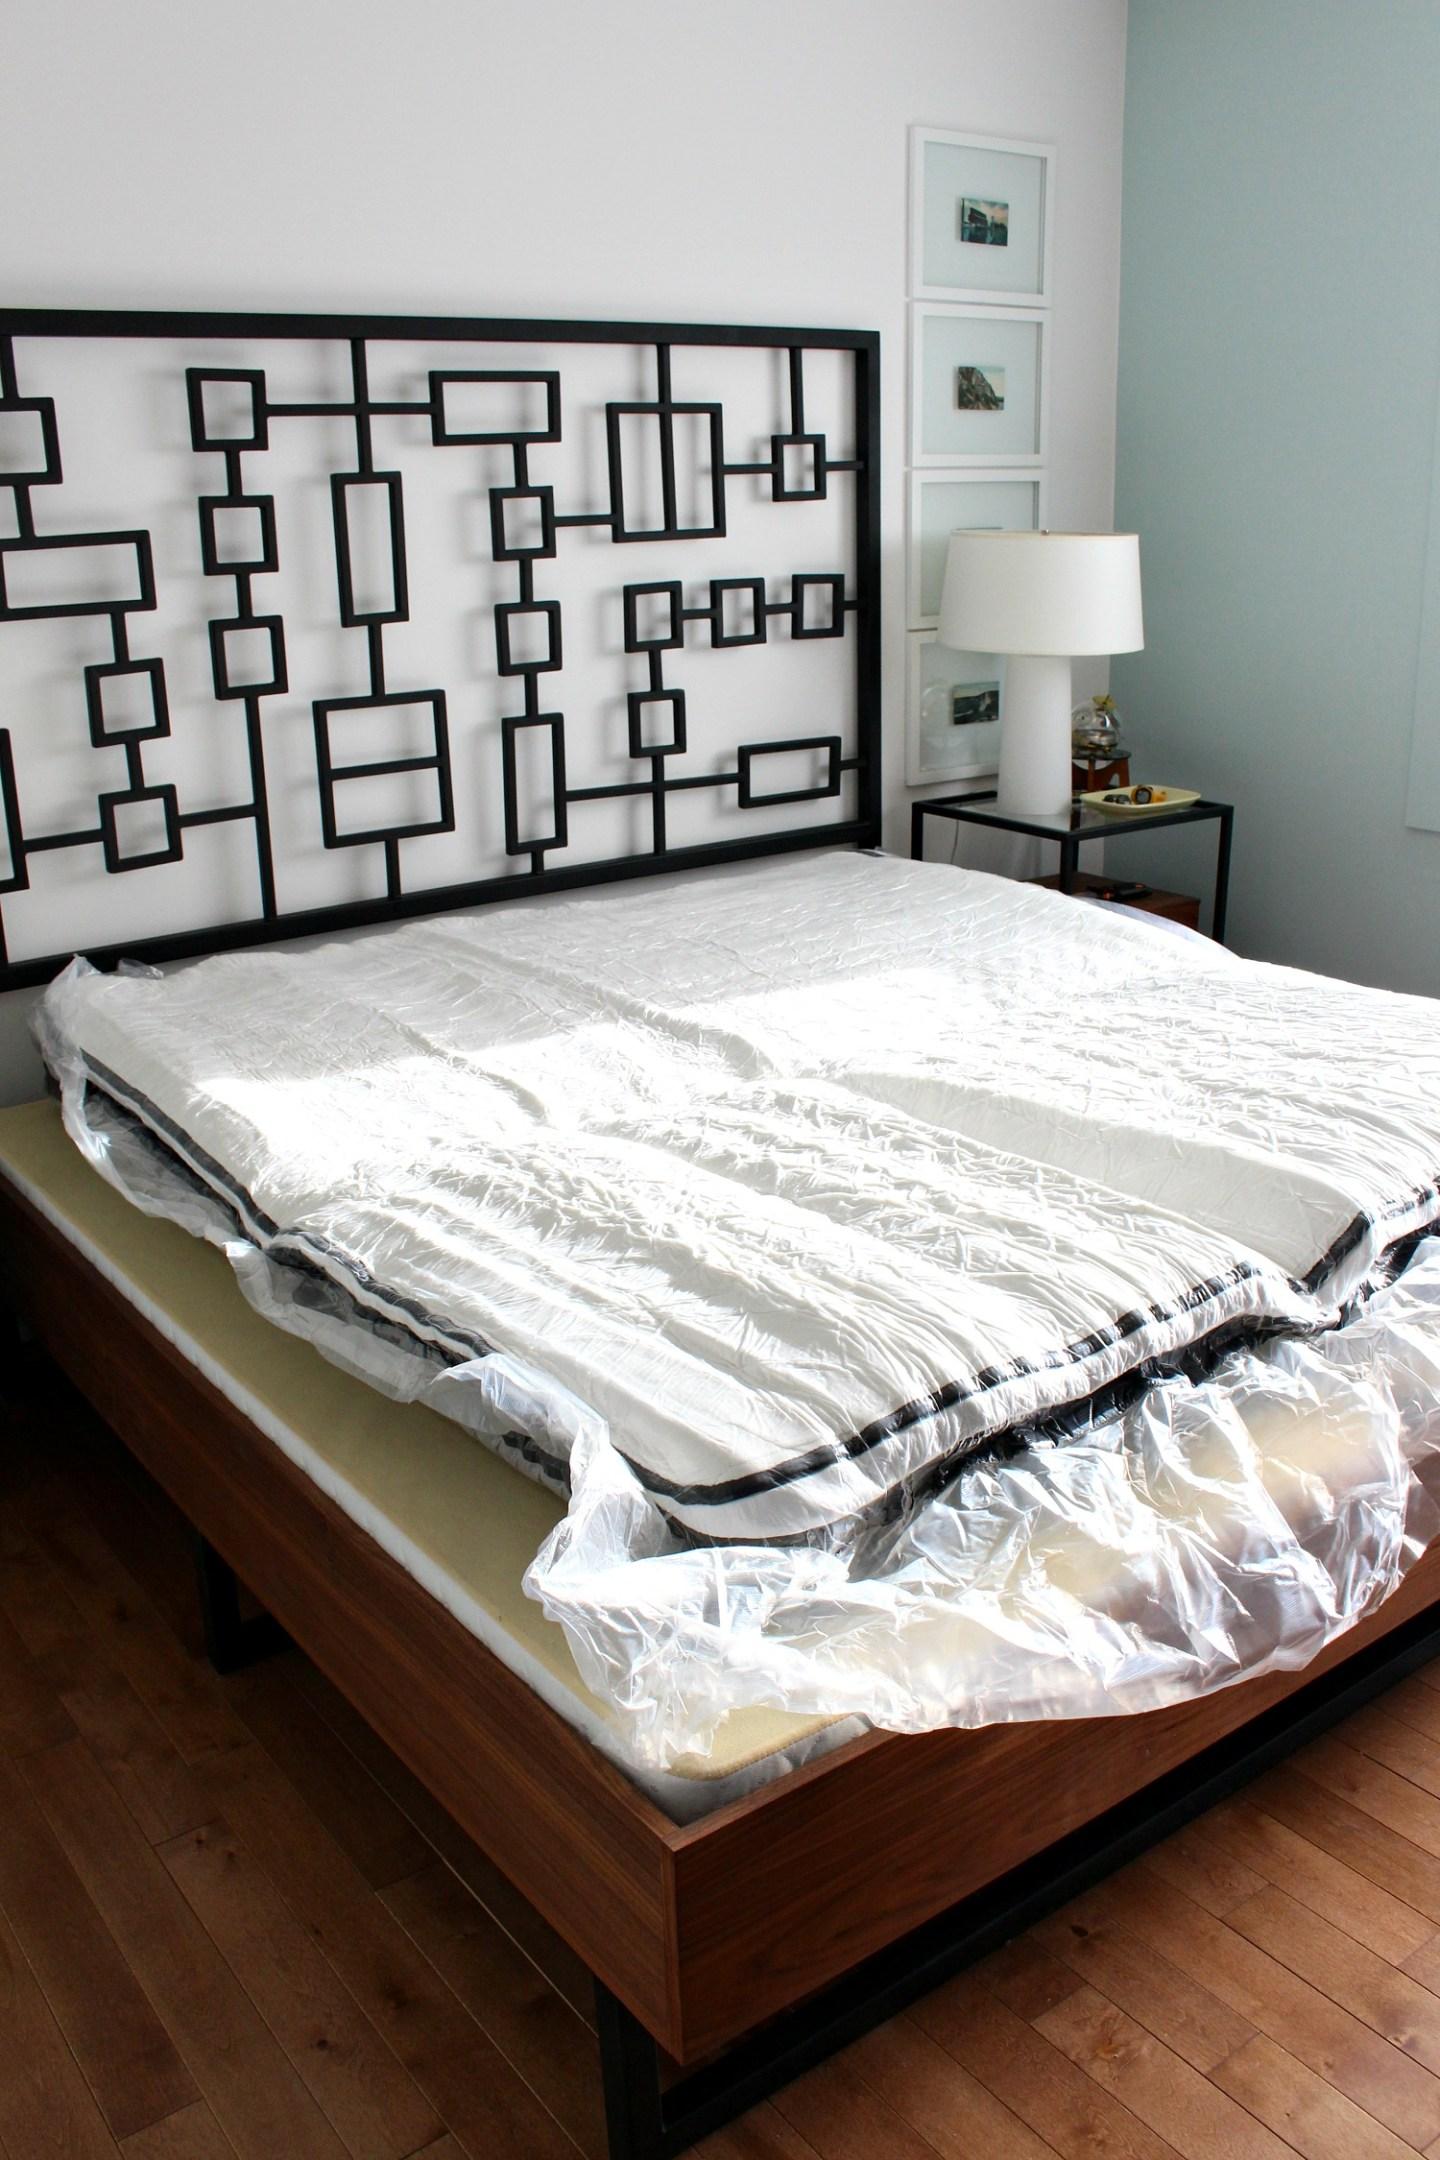 Nest Bedding Alexander Signature Hybrid Mattress Review